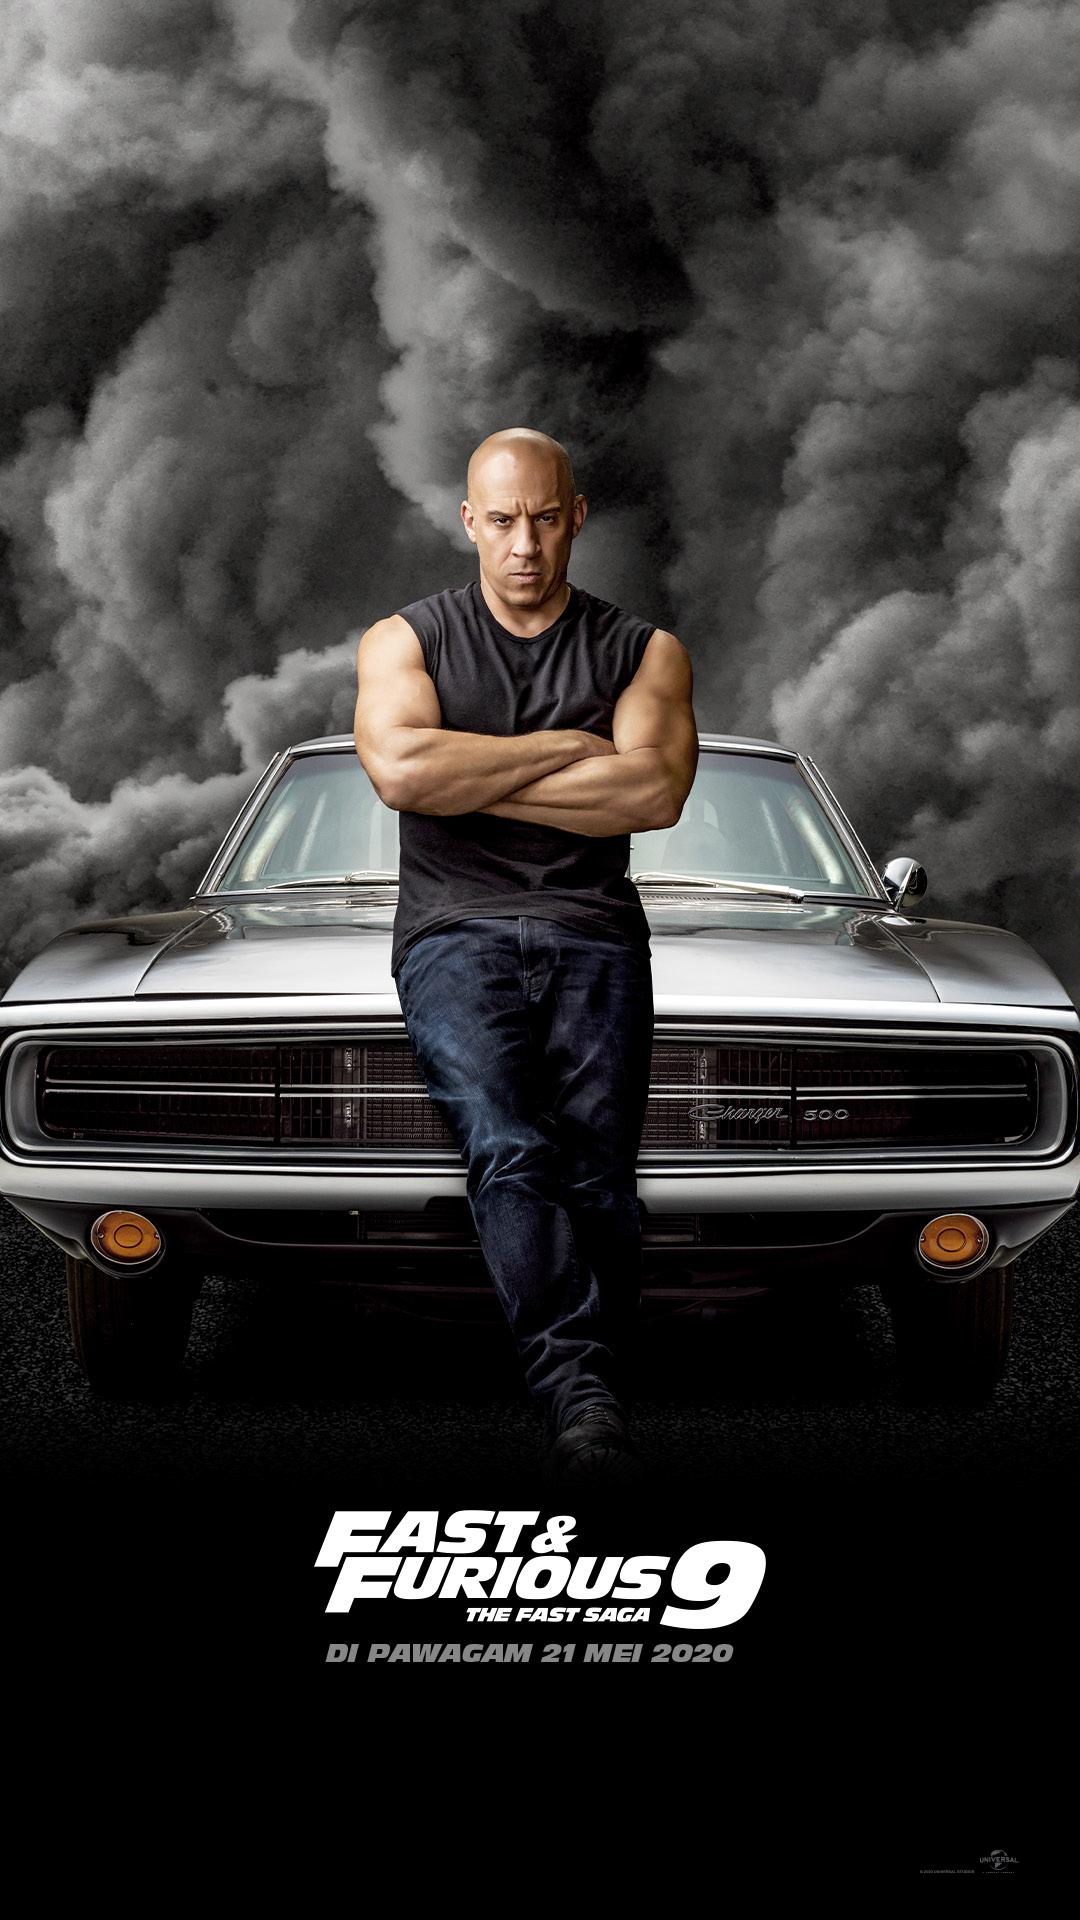 Lihat Poster Karakter Baru Yang Keren Untuk Fast & Furious 9 3